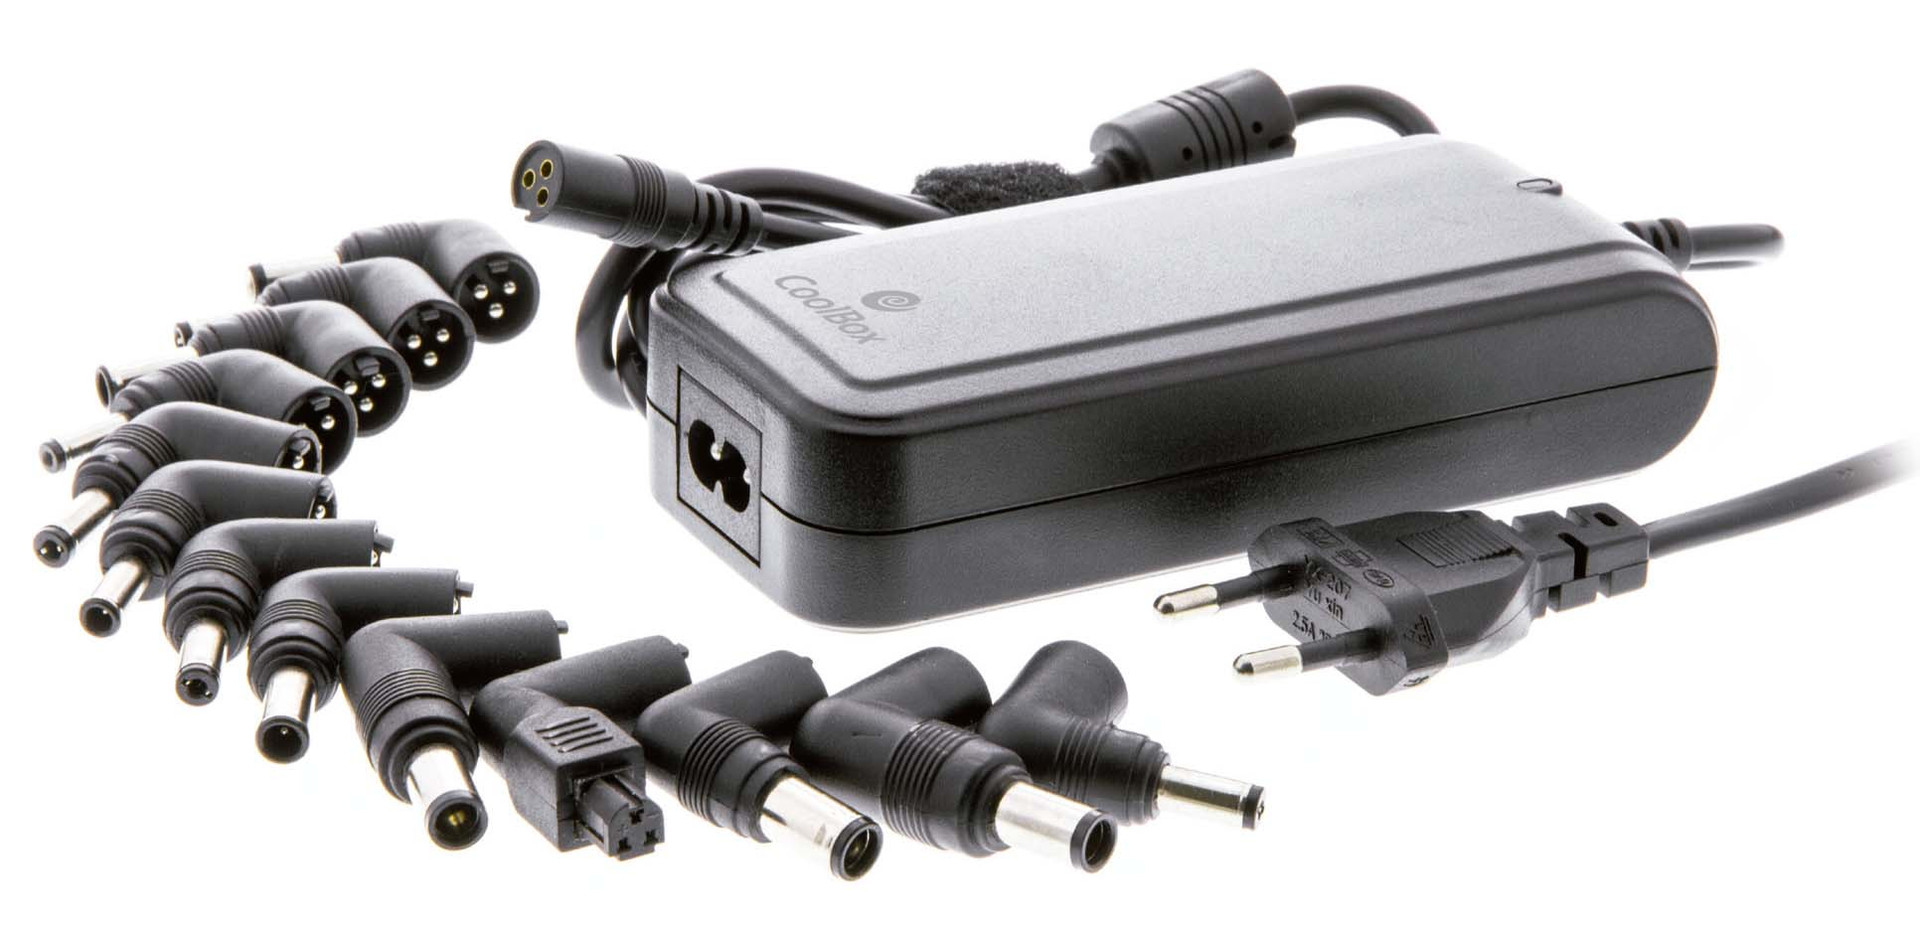 Transf. Universal CoolBox 90W, 15-24V, USB de 2.1 Amp, 12 pontas